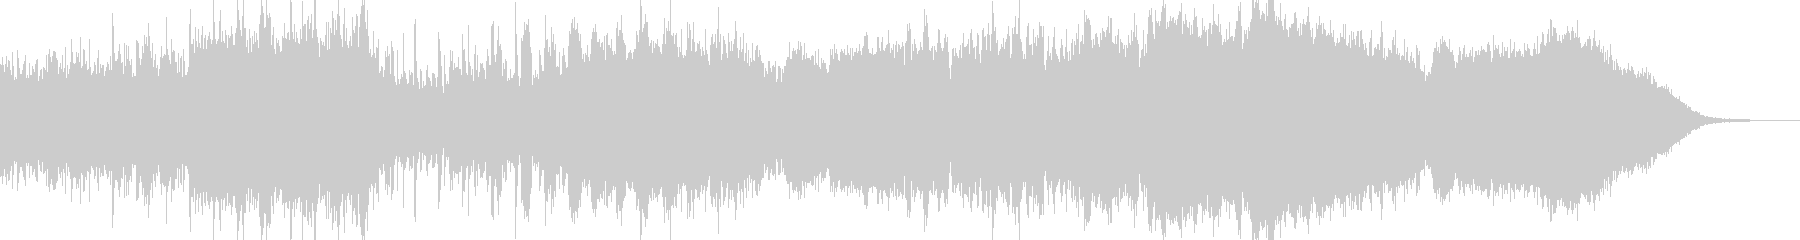 インダストリアルなダークシンセ音の未再生の波形